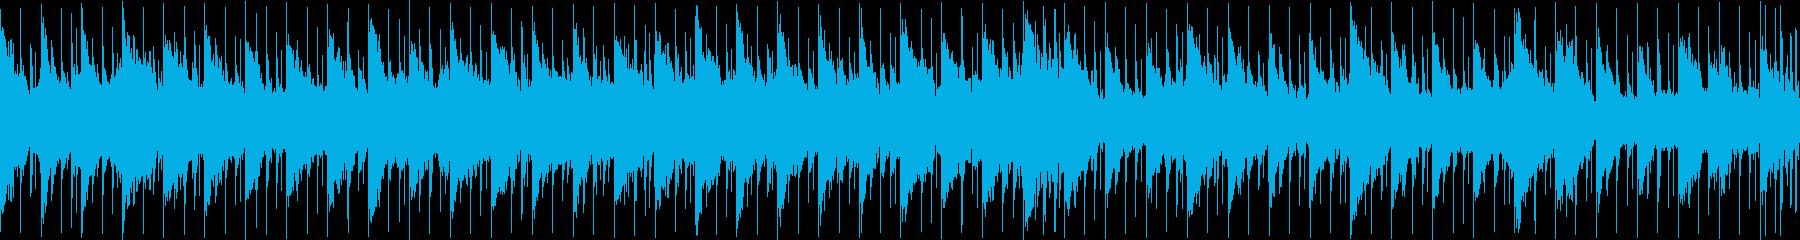 暗闇や恐怖を煽るダークサウンド Loopの再生済みの波形